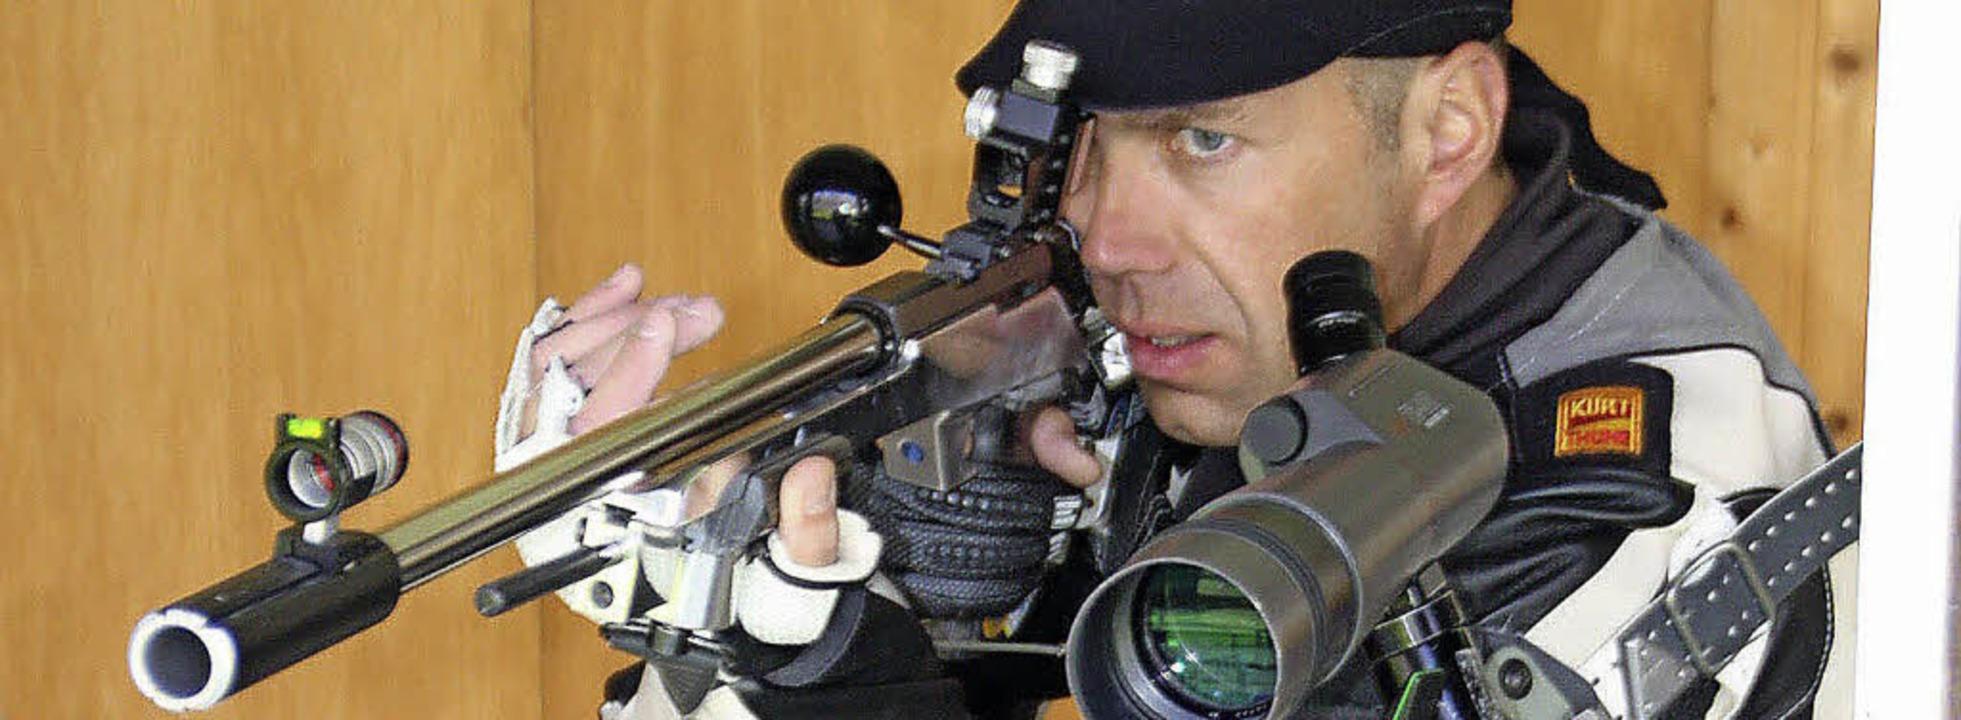 Konzentration ist wichtig für Sportschützen.   | Foto: Archiv: Jörn Kerckhoff